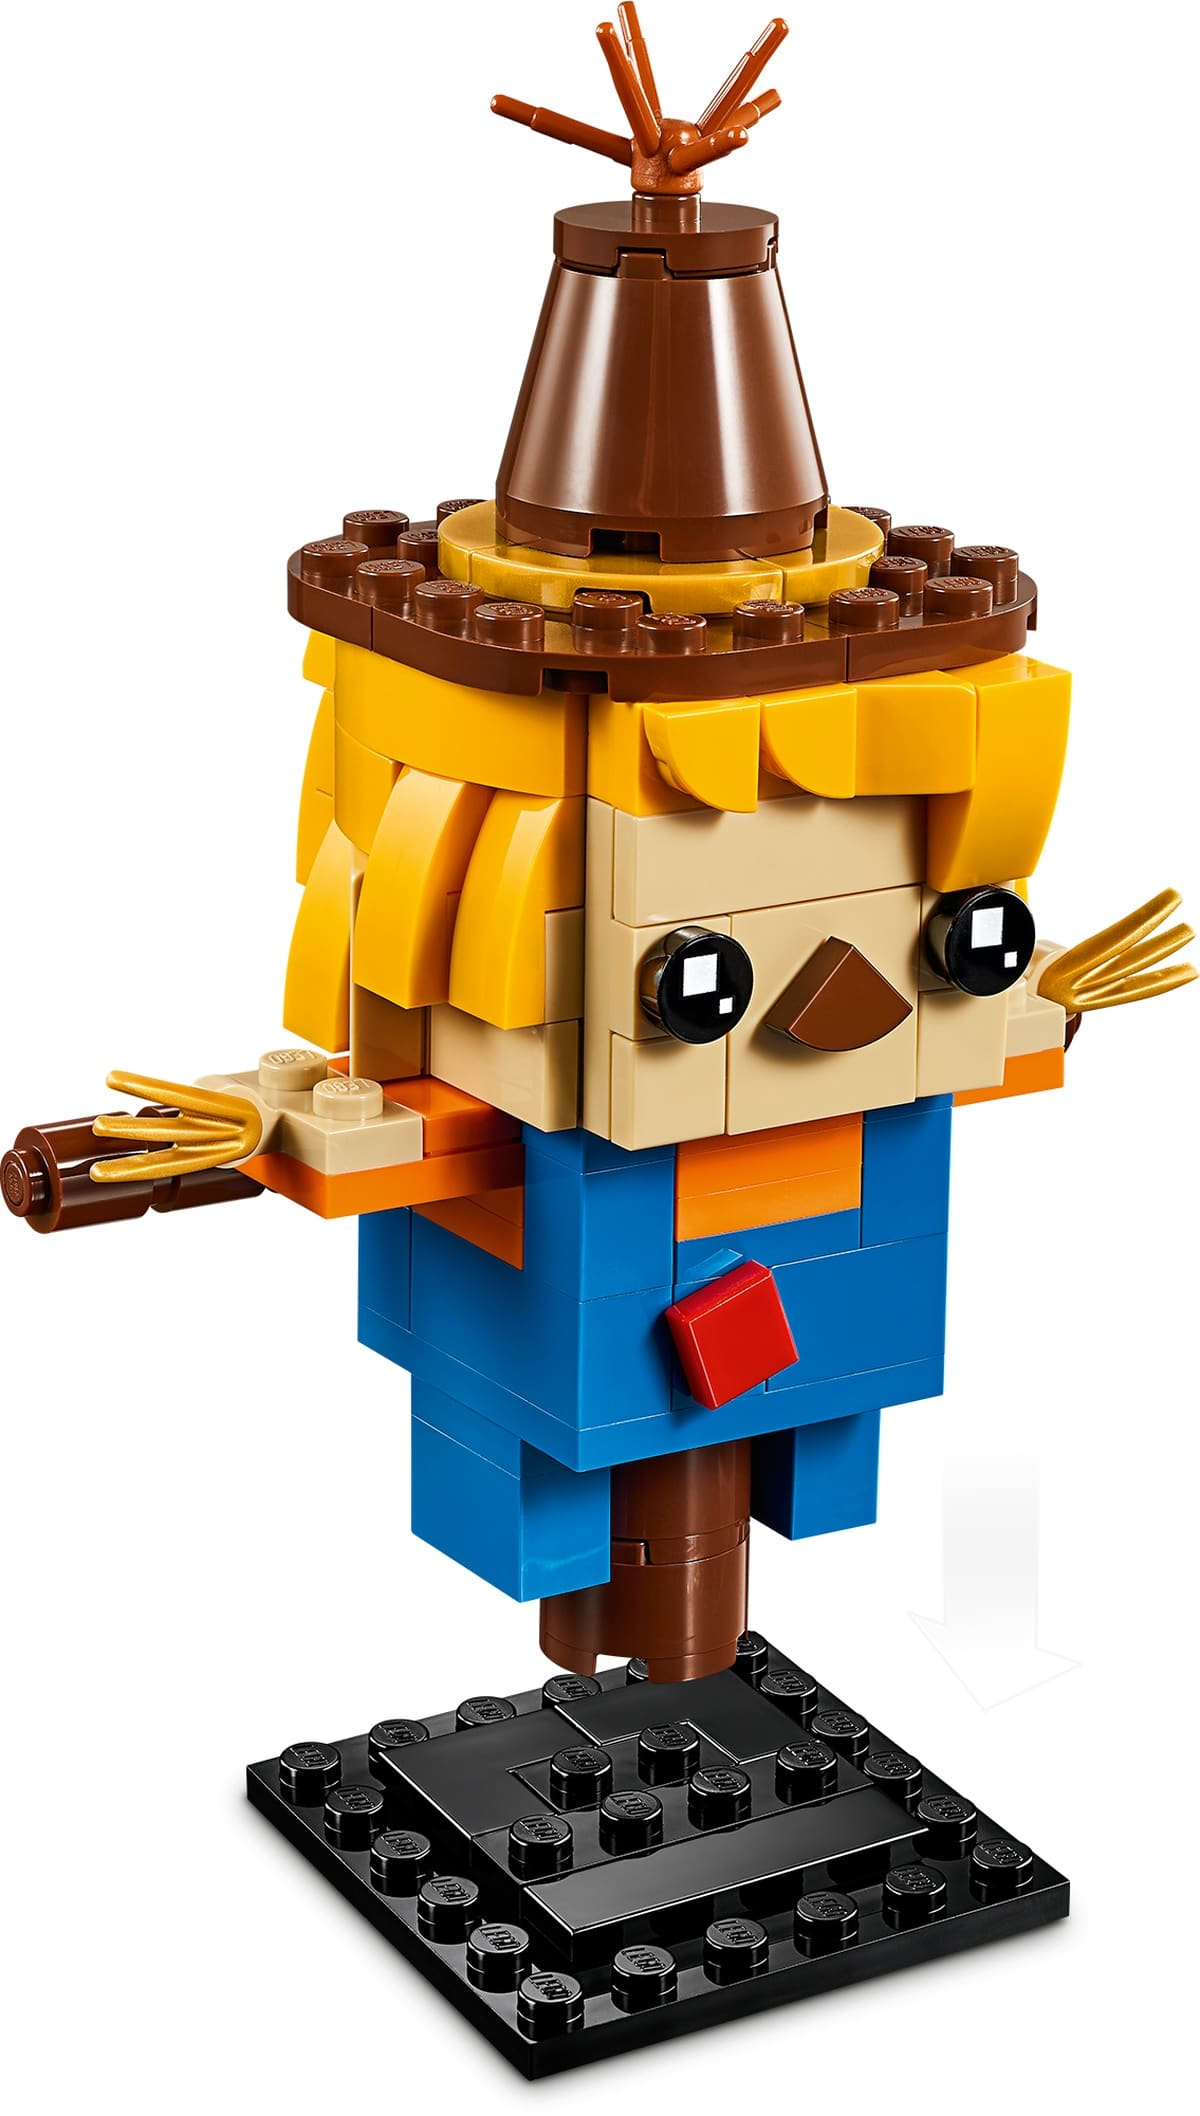 LEGO 40352 BrickHeadz Vogelscheuche Plate